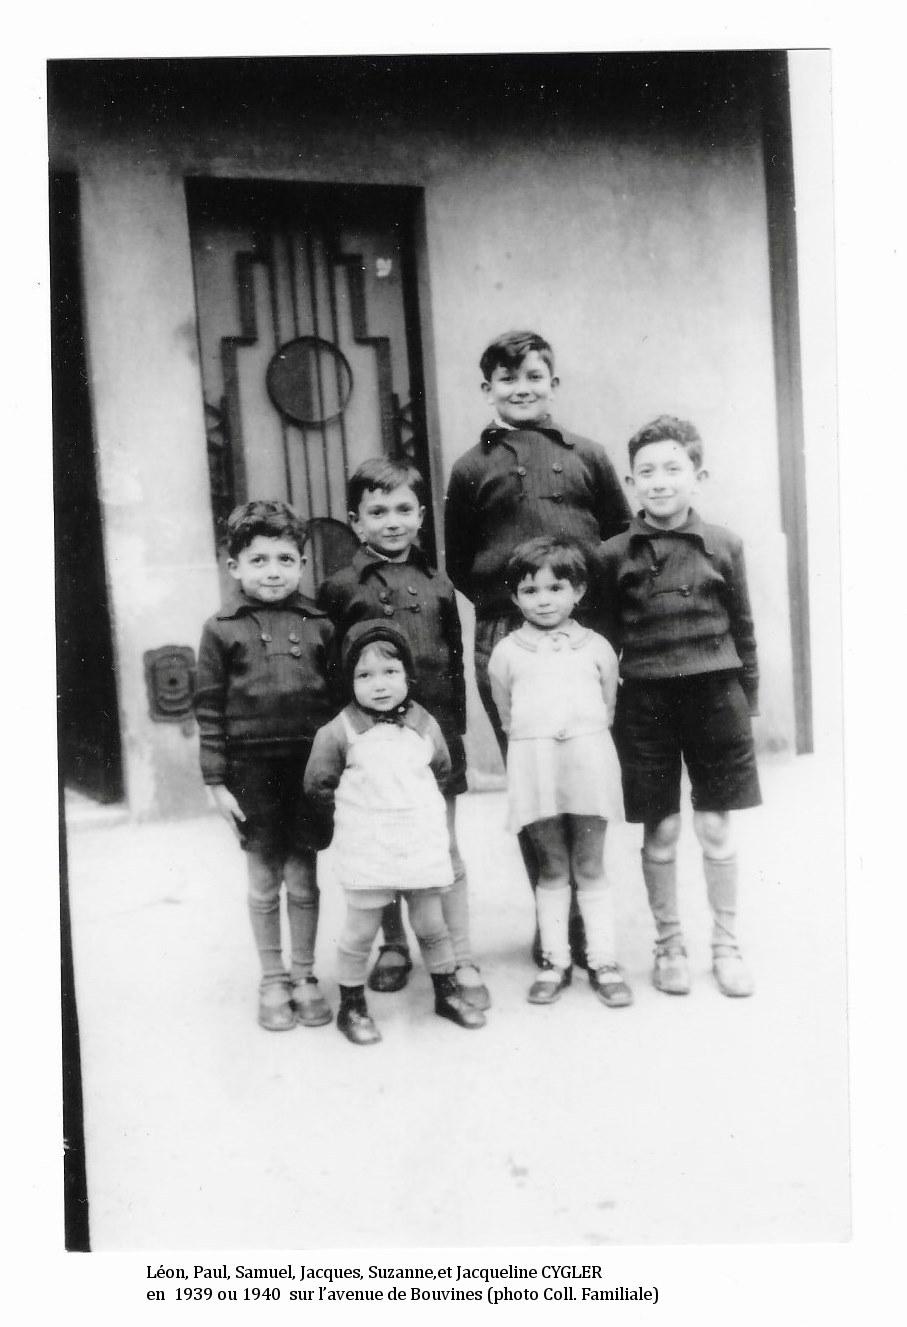 CYGLER_fratrie_1940_Léon_Paul_Samuel_Jacques_Suzanne_et_Jacqueline.JPG